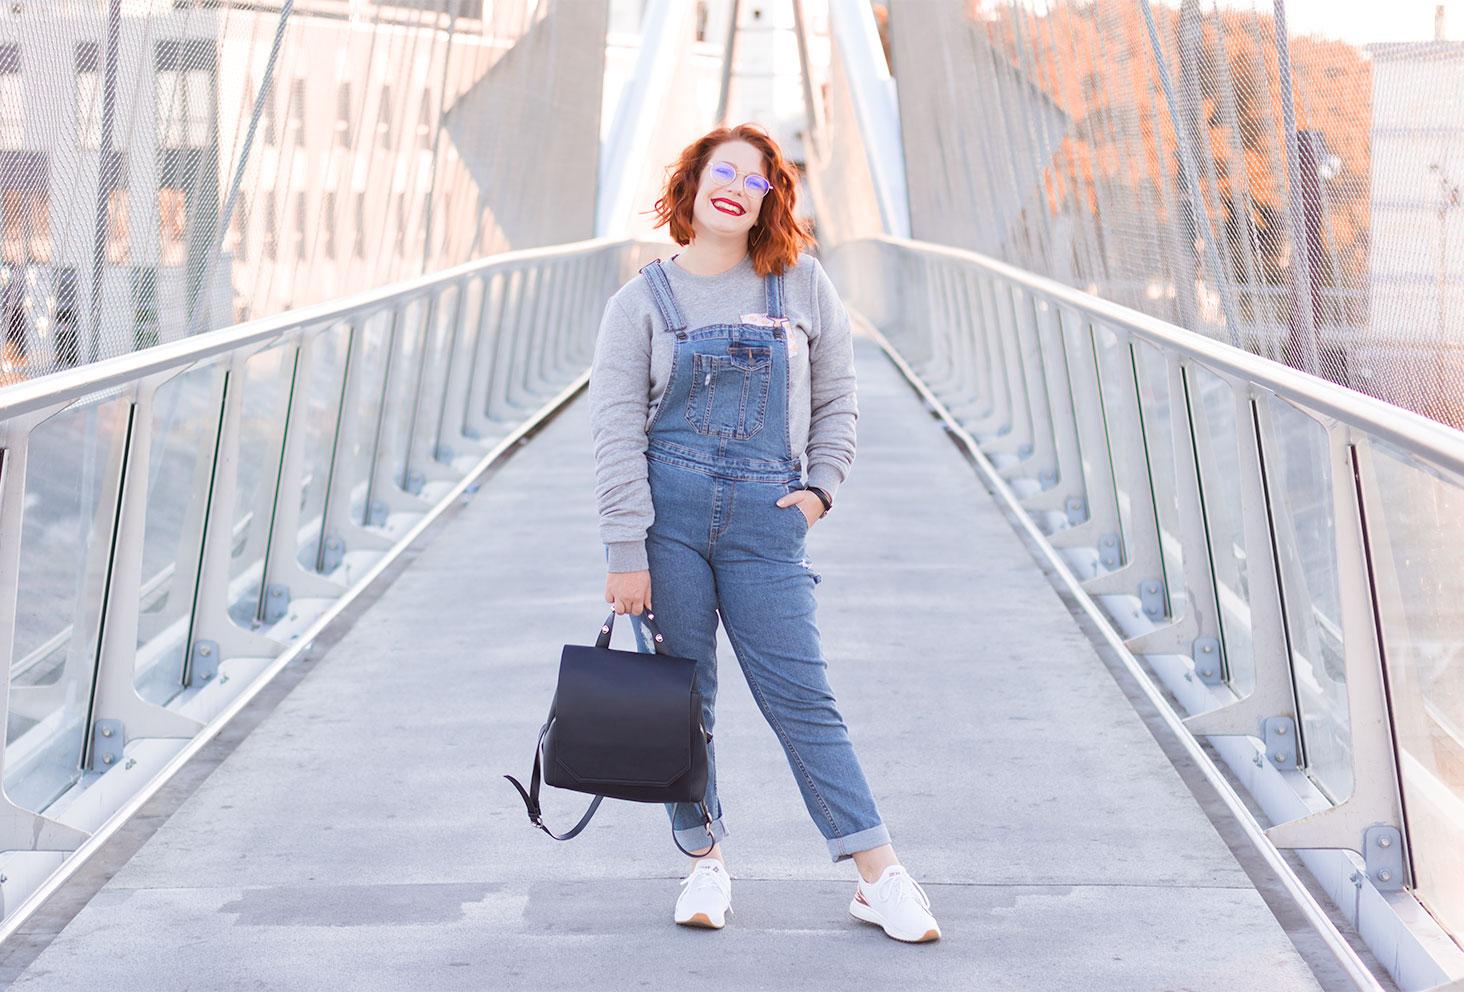 En look street, salopette en jeans et baskets, au milieu d'une passerelle au dessus des lignes de chemins de fer